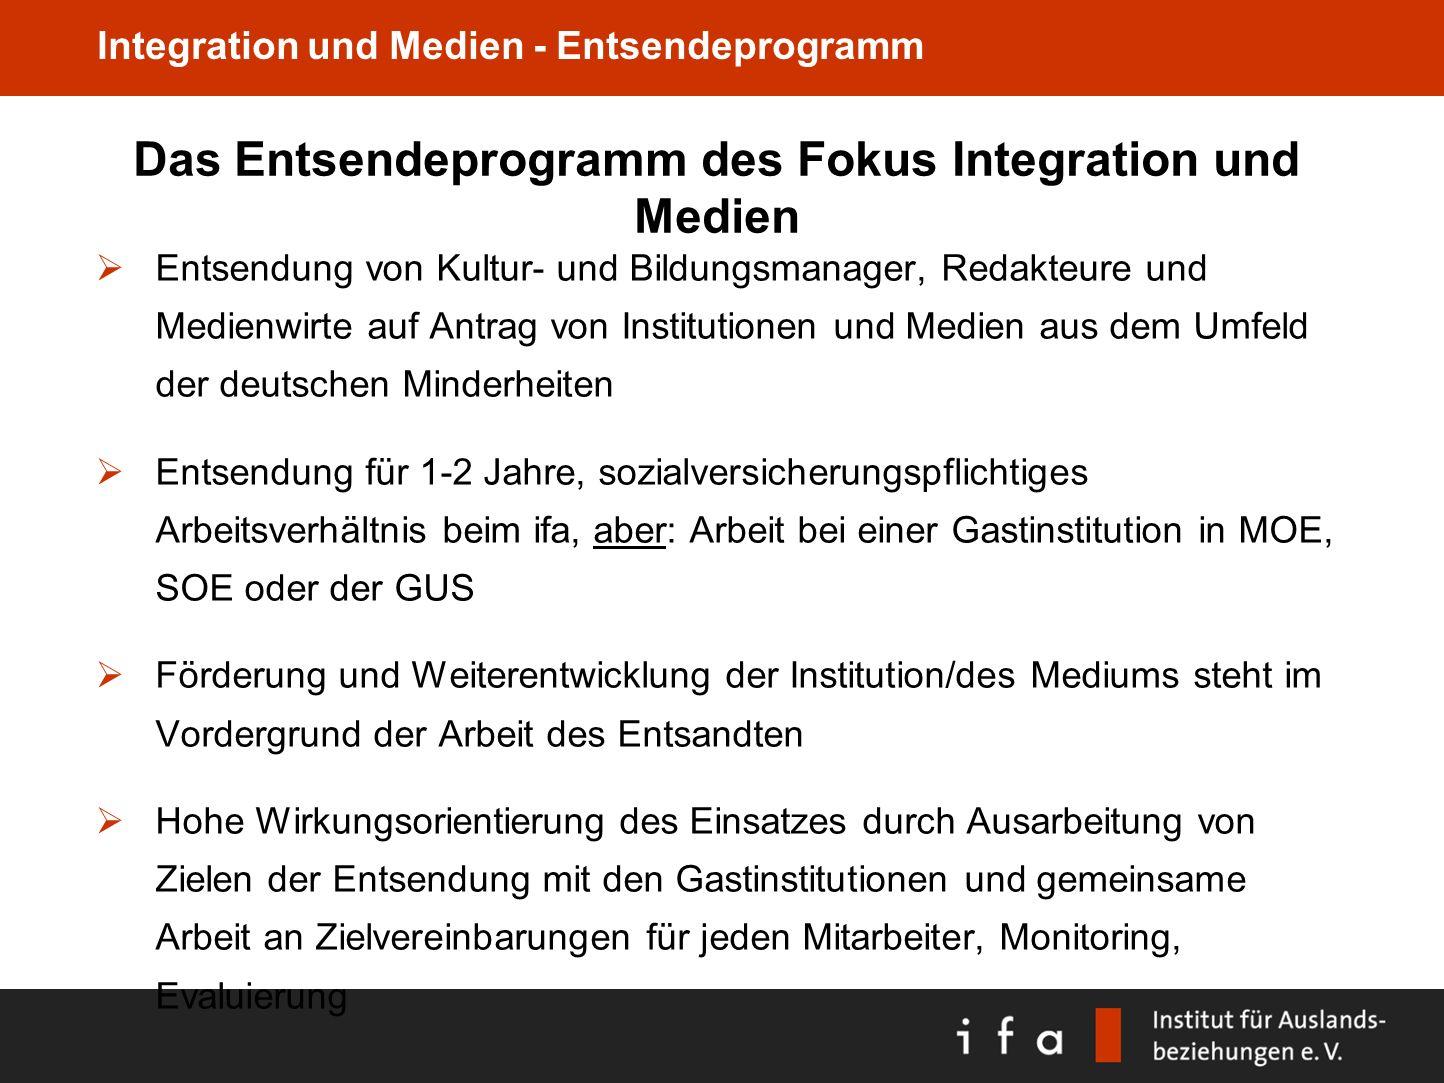 Integration und Medien - Entsendeprogramm Das Entsendeprogramm des Fokus Integration und Medien Entsendung von Kultur- und Bildungsmanager, Redakteure